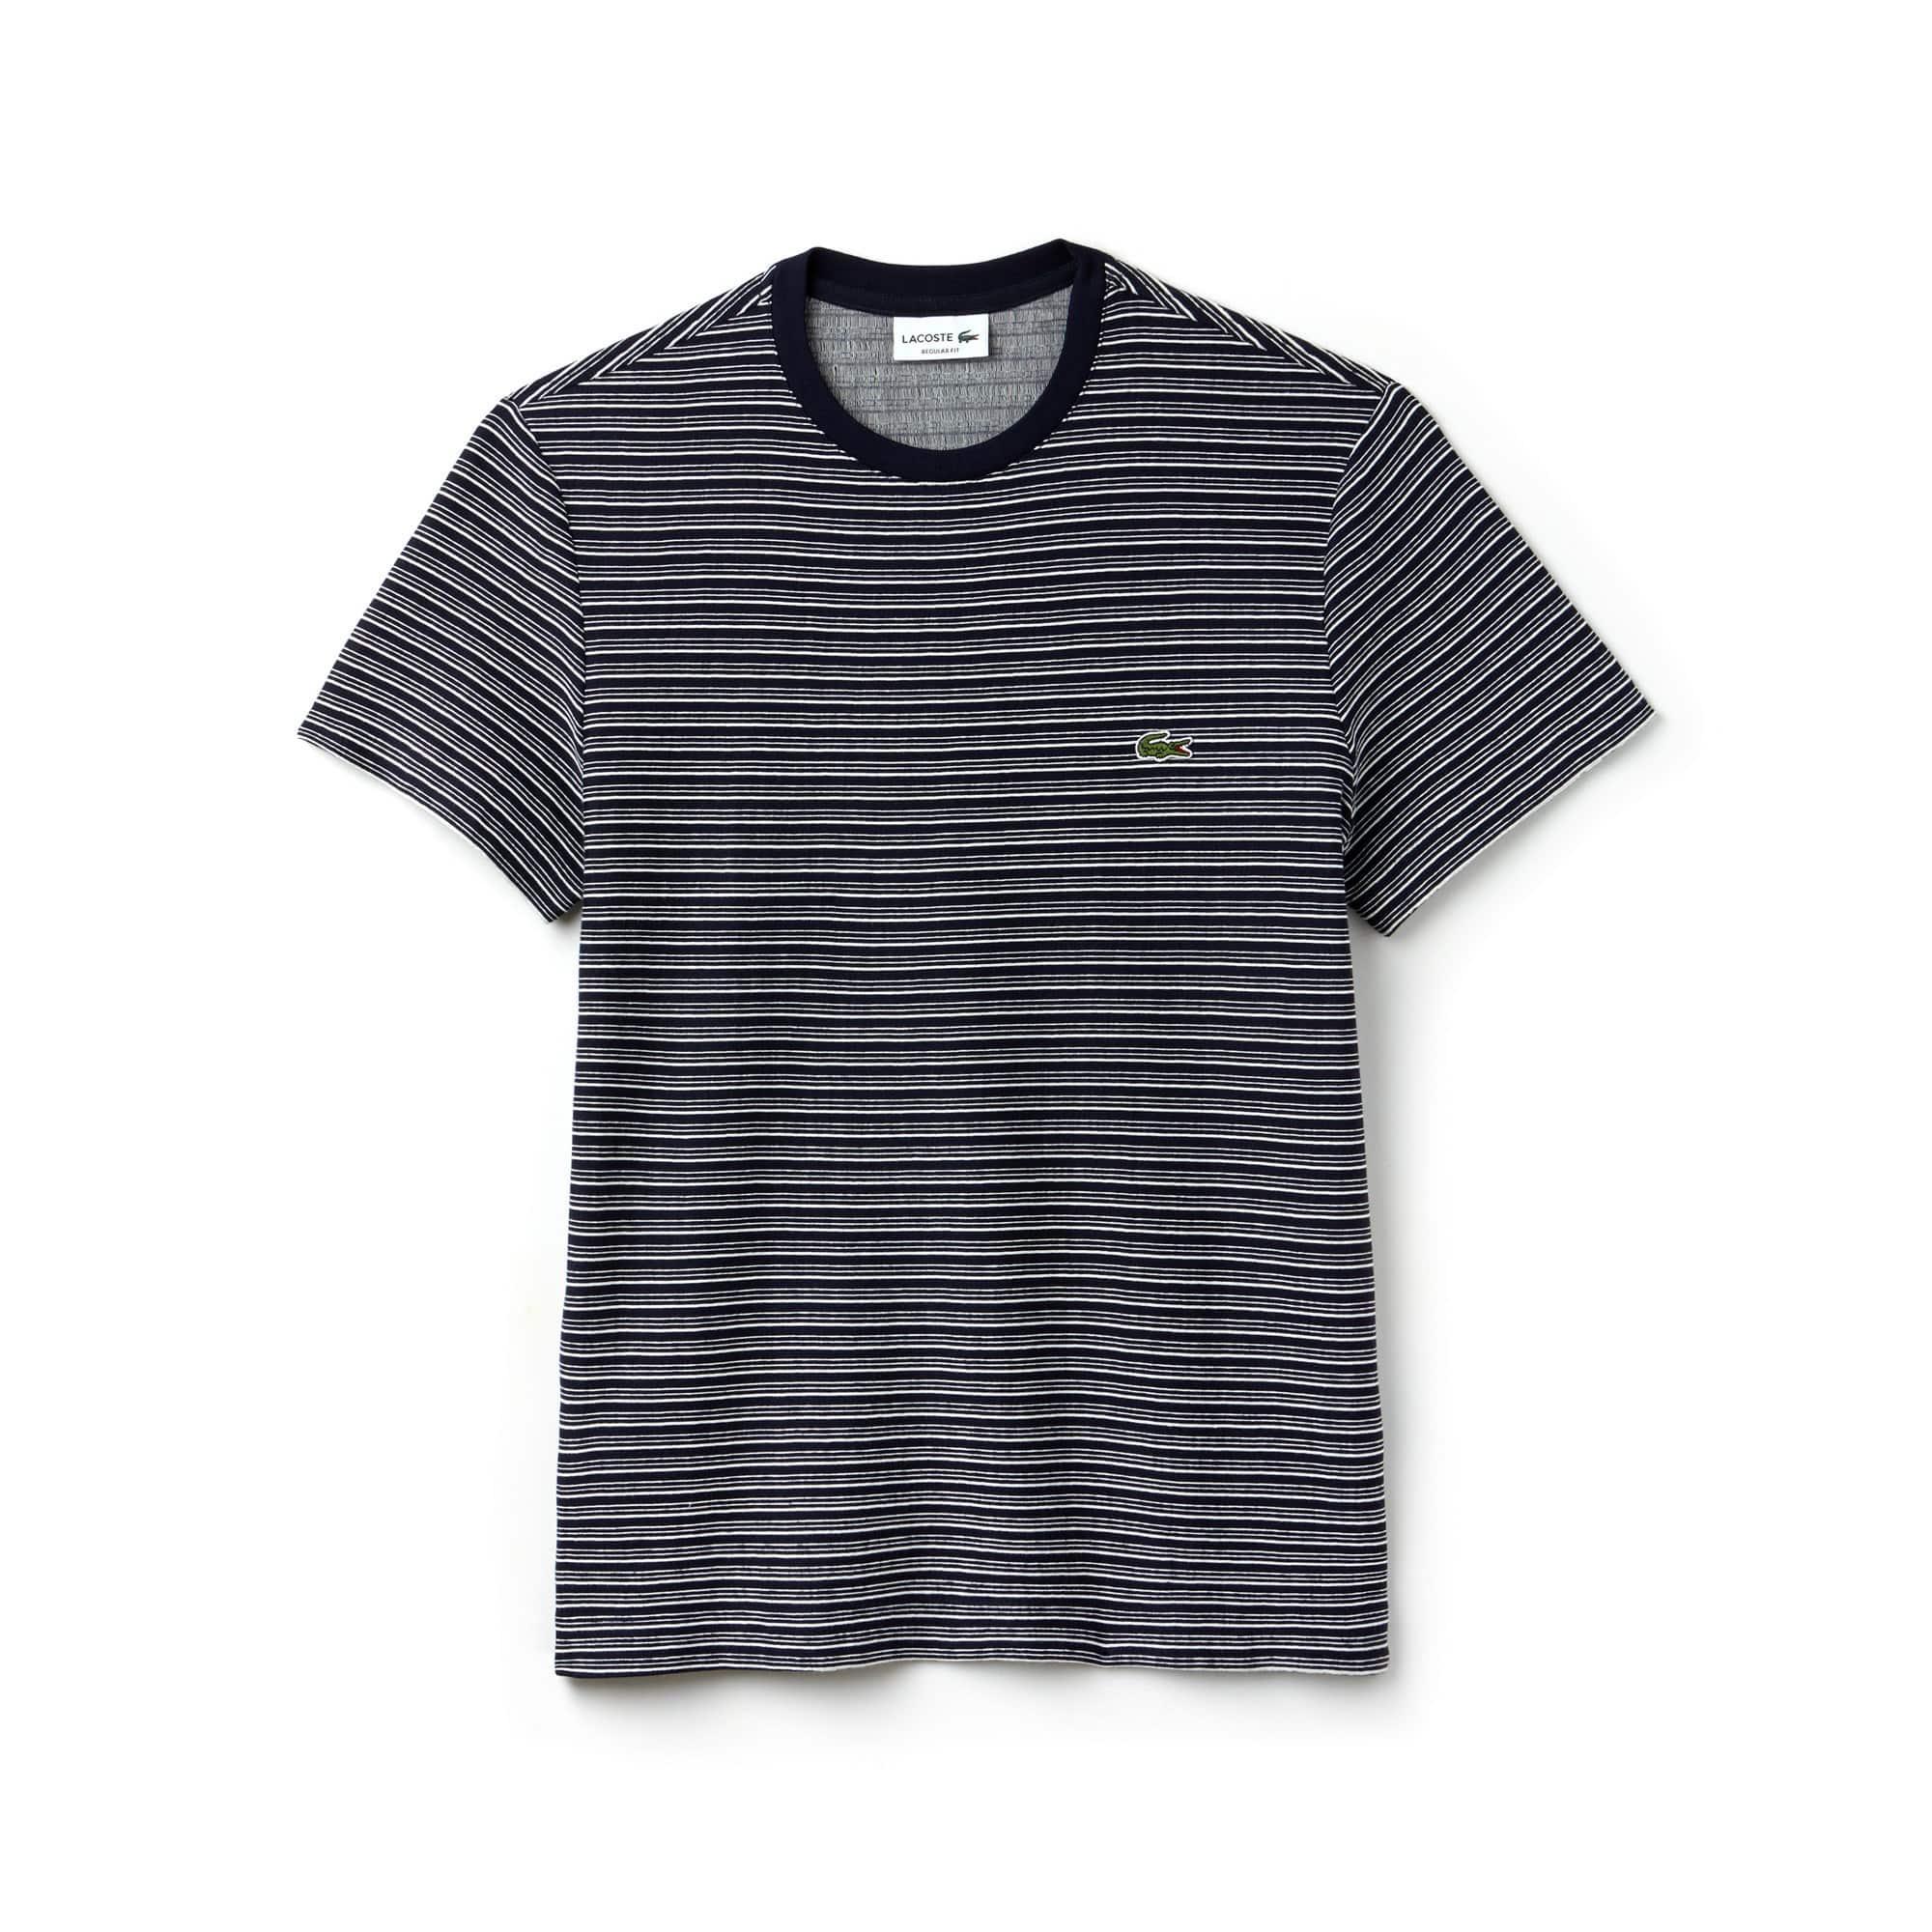 Herren Flamme Rundhals T-Shirt aus gestreiftem Baumwolljersey